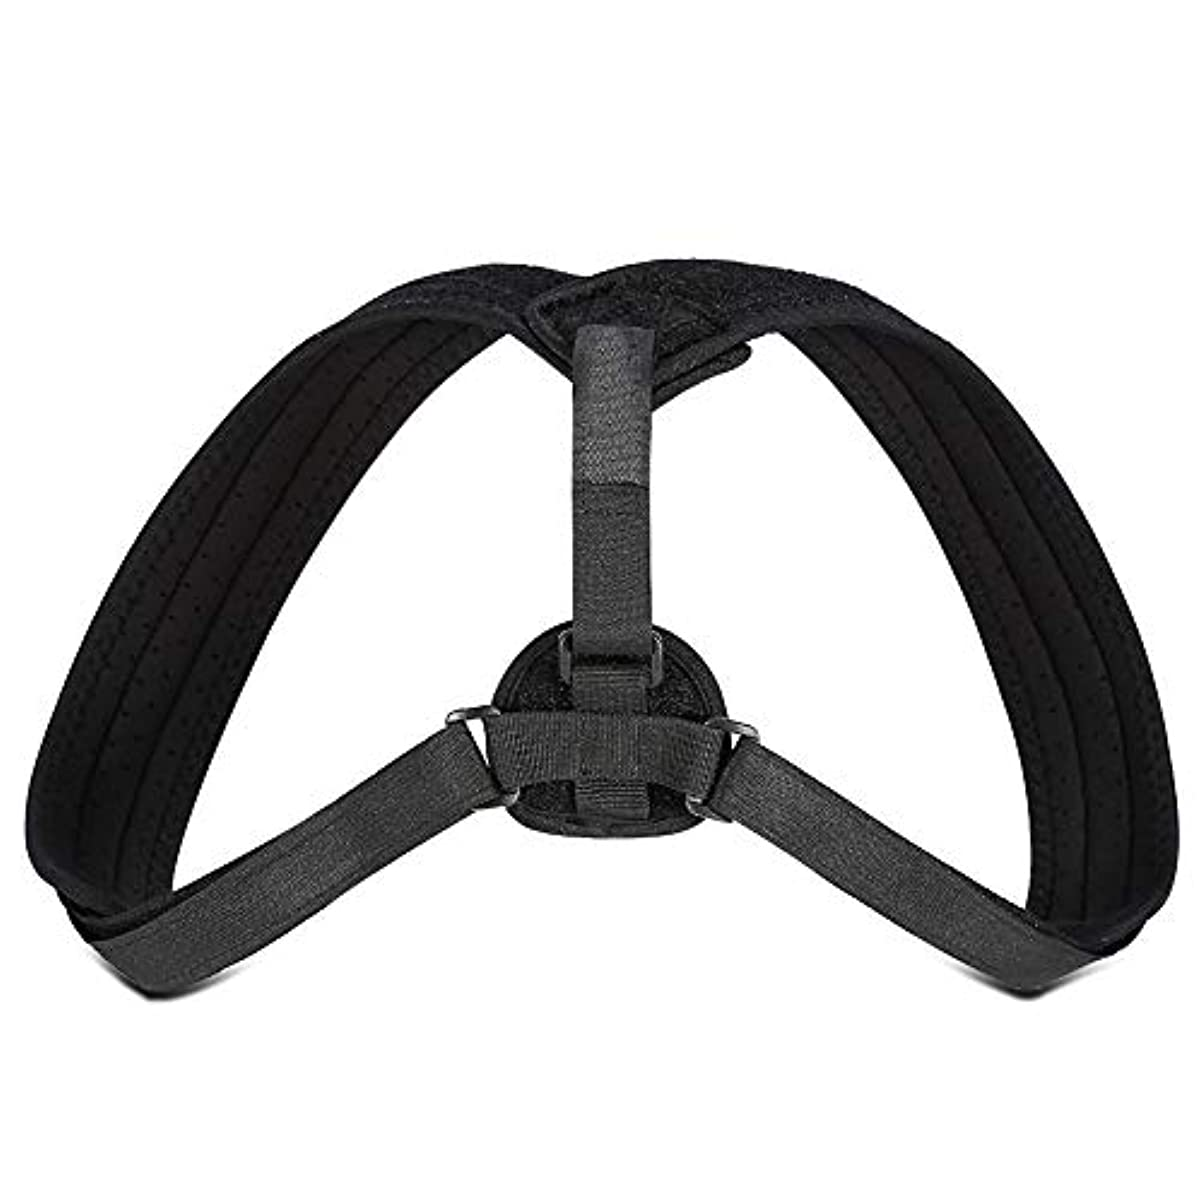 戦士句読点さようならYosoo Posture Corrector - ブレースアッパーバックネックショルダーサポートアジャスタブルストラップ、肩の体位補正、整形外科用こぶの緩和のための包帯矯正、ティーン用